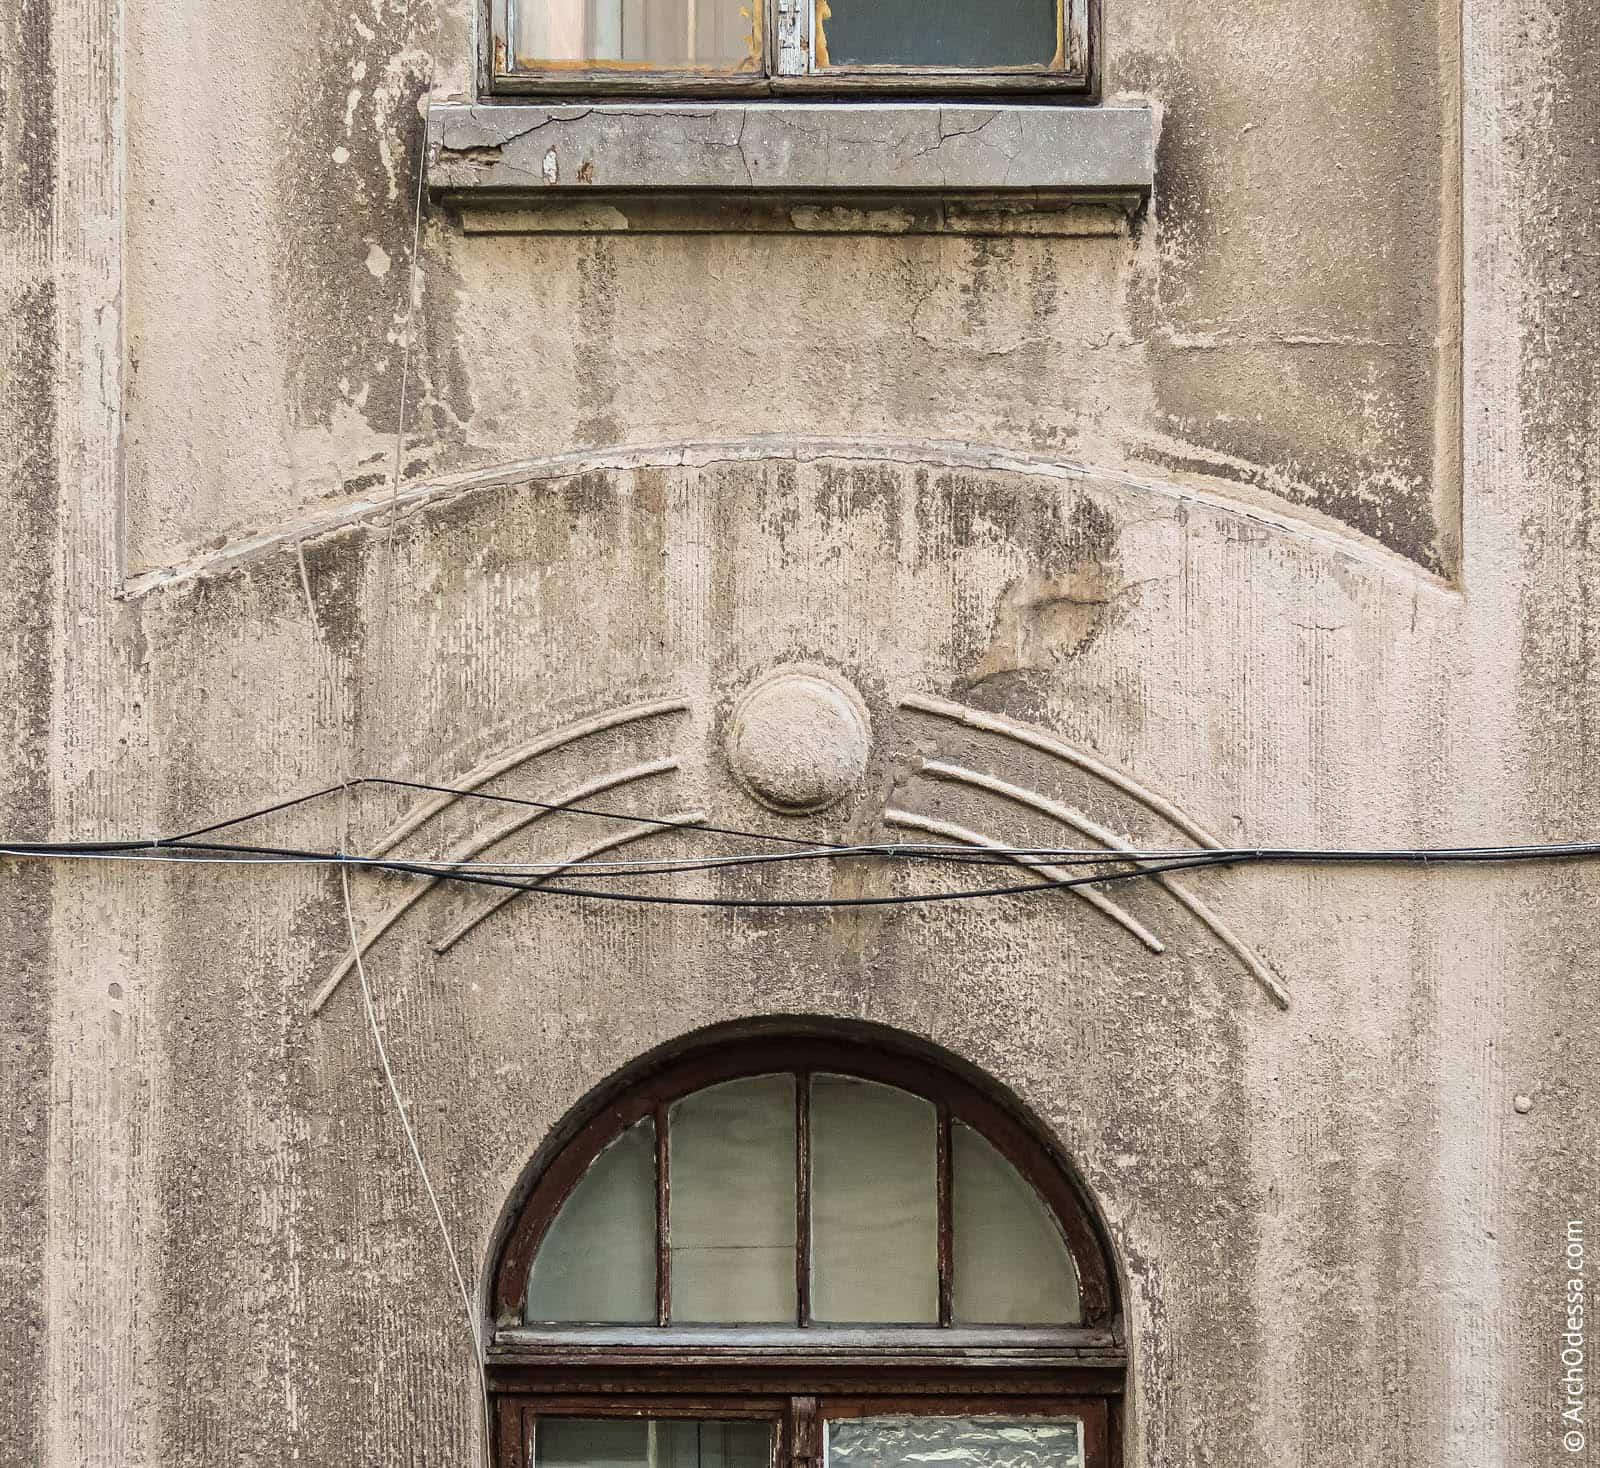 Стилизованный симметричный обрист над окном первого этажа